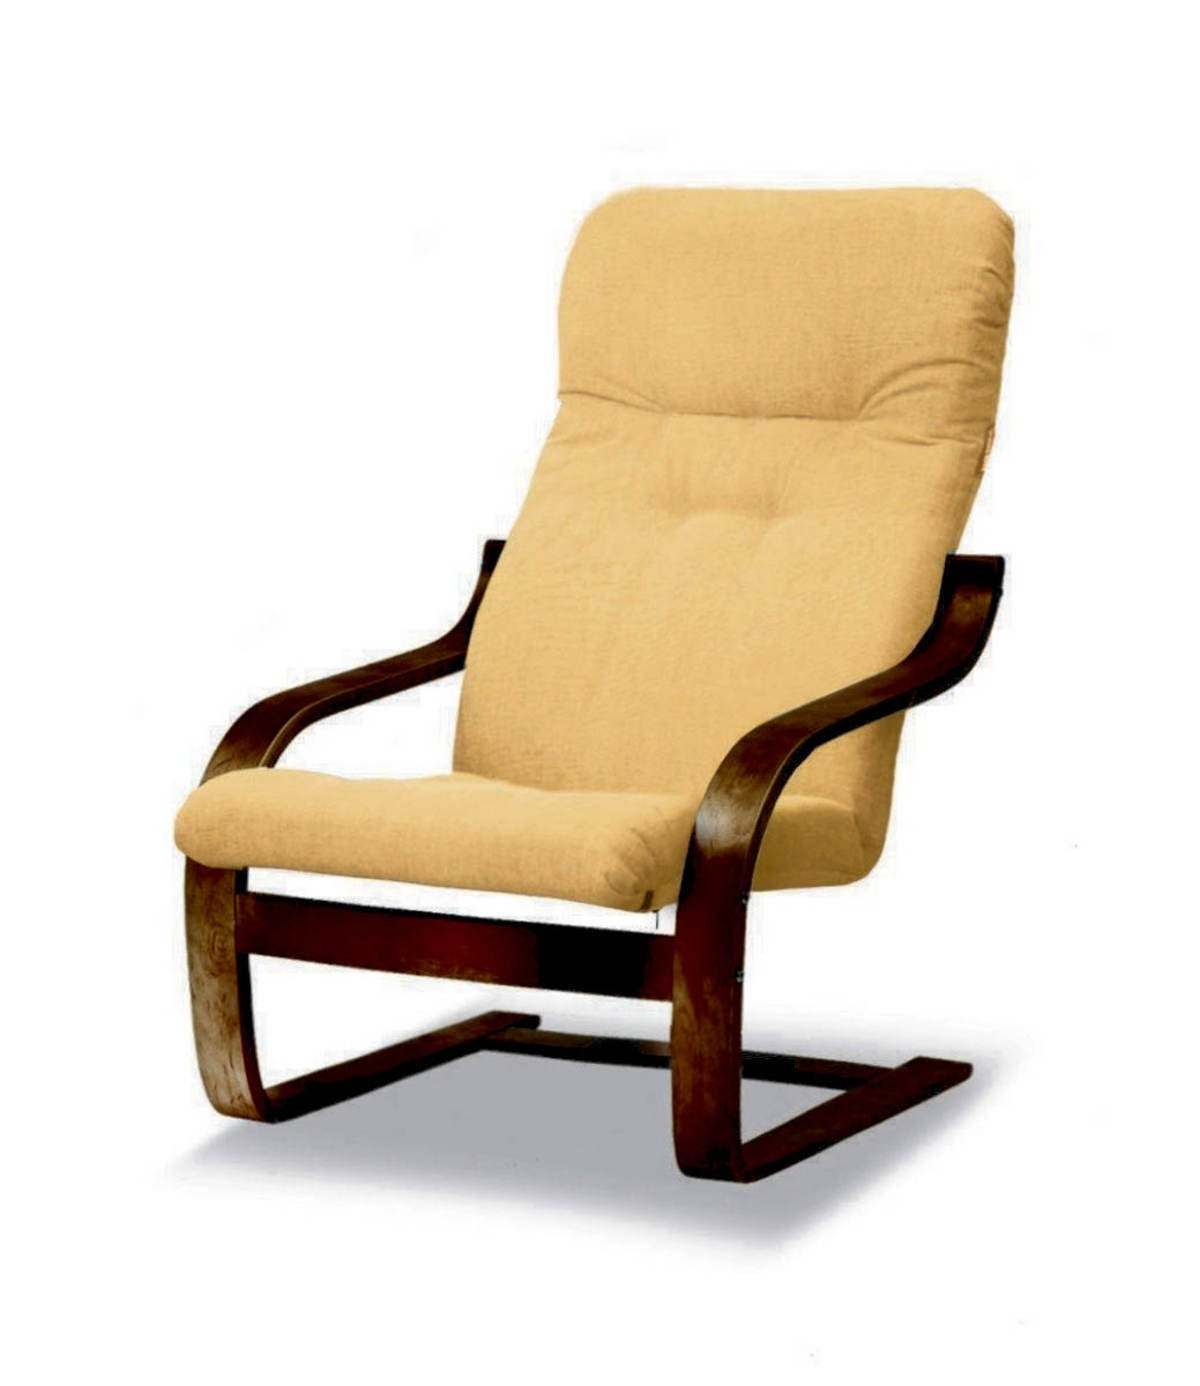 деревянное кресло с подлокотниками схема